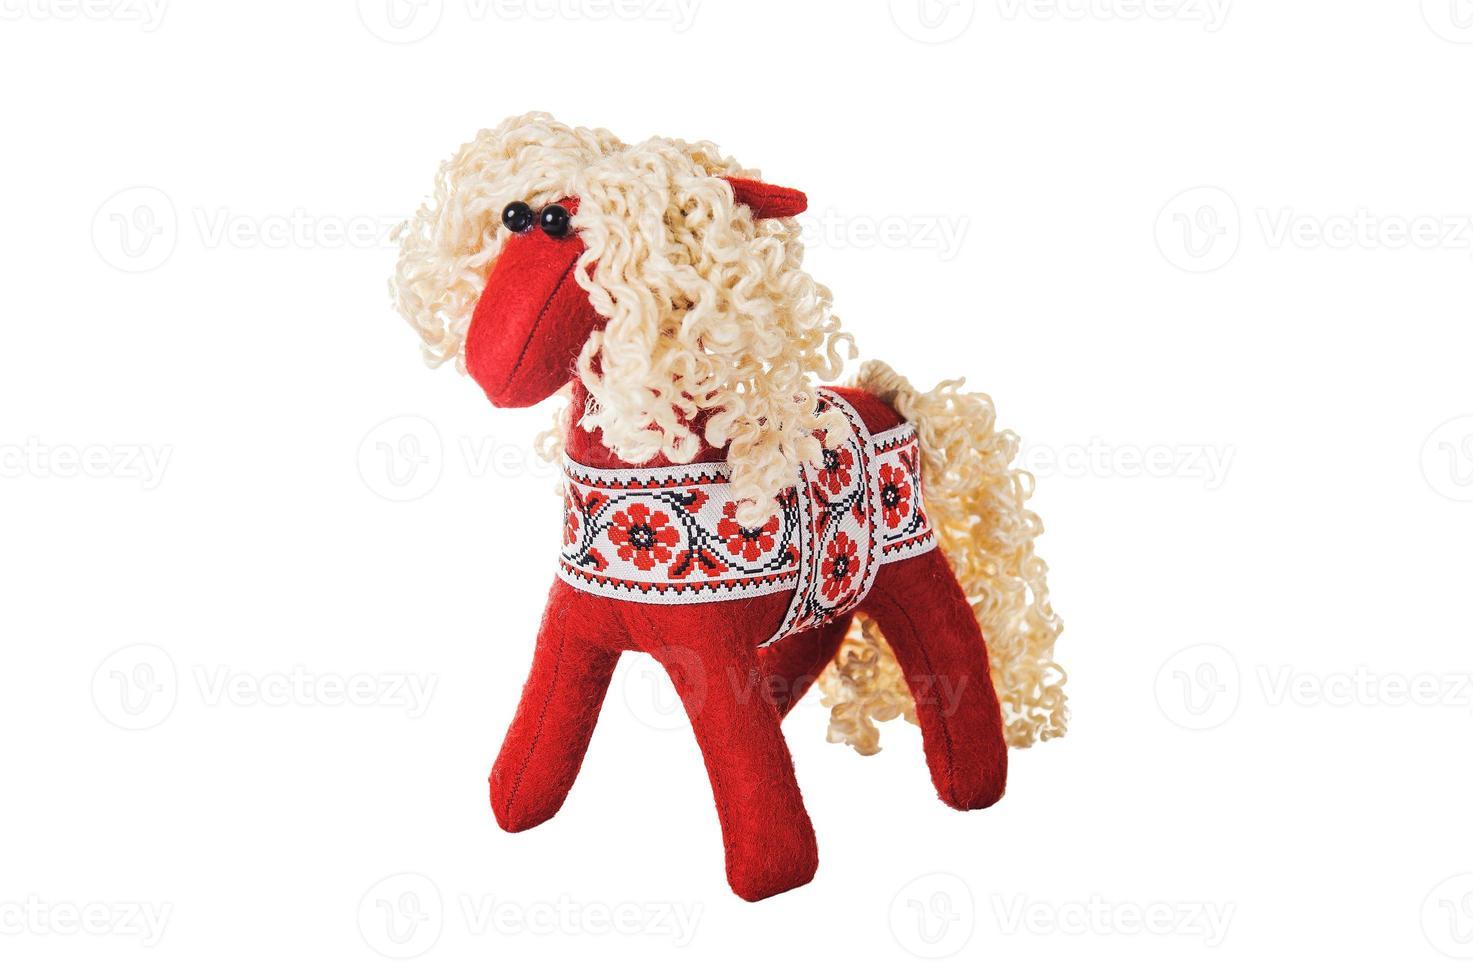 Textil Weihnachtsbaum Spielzeug foto